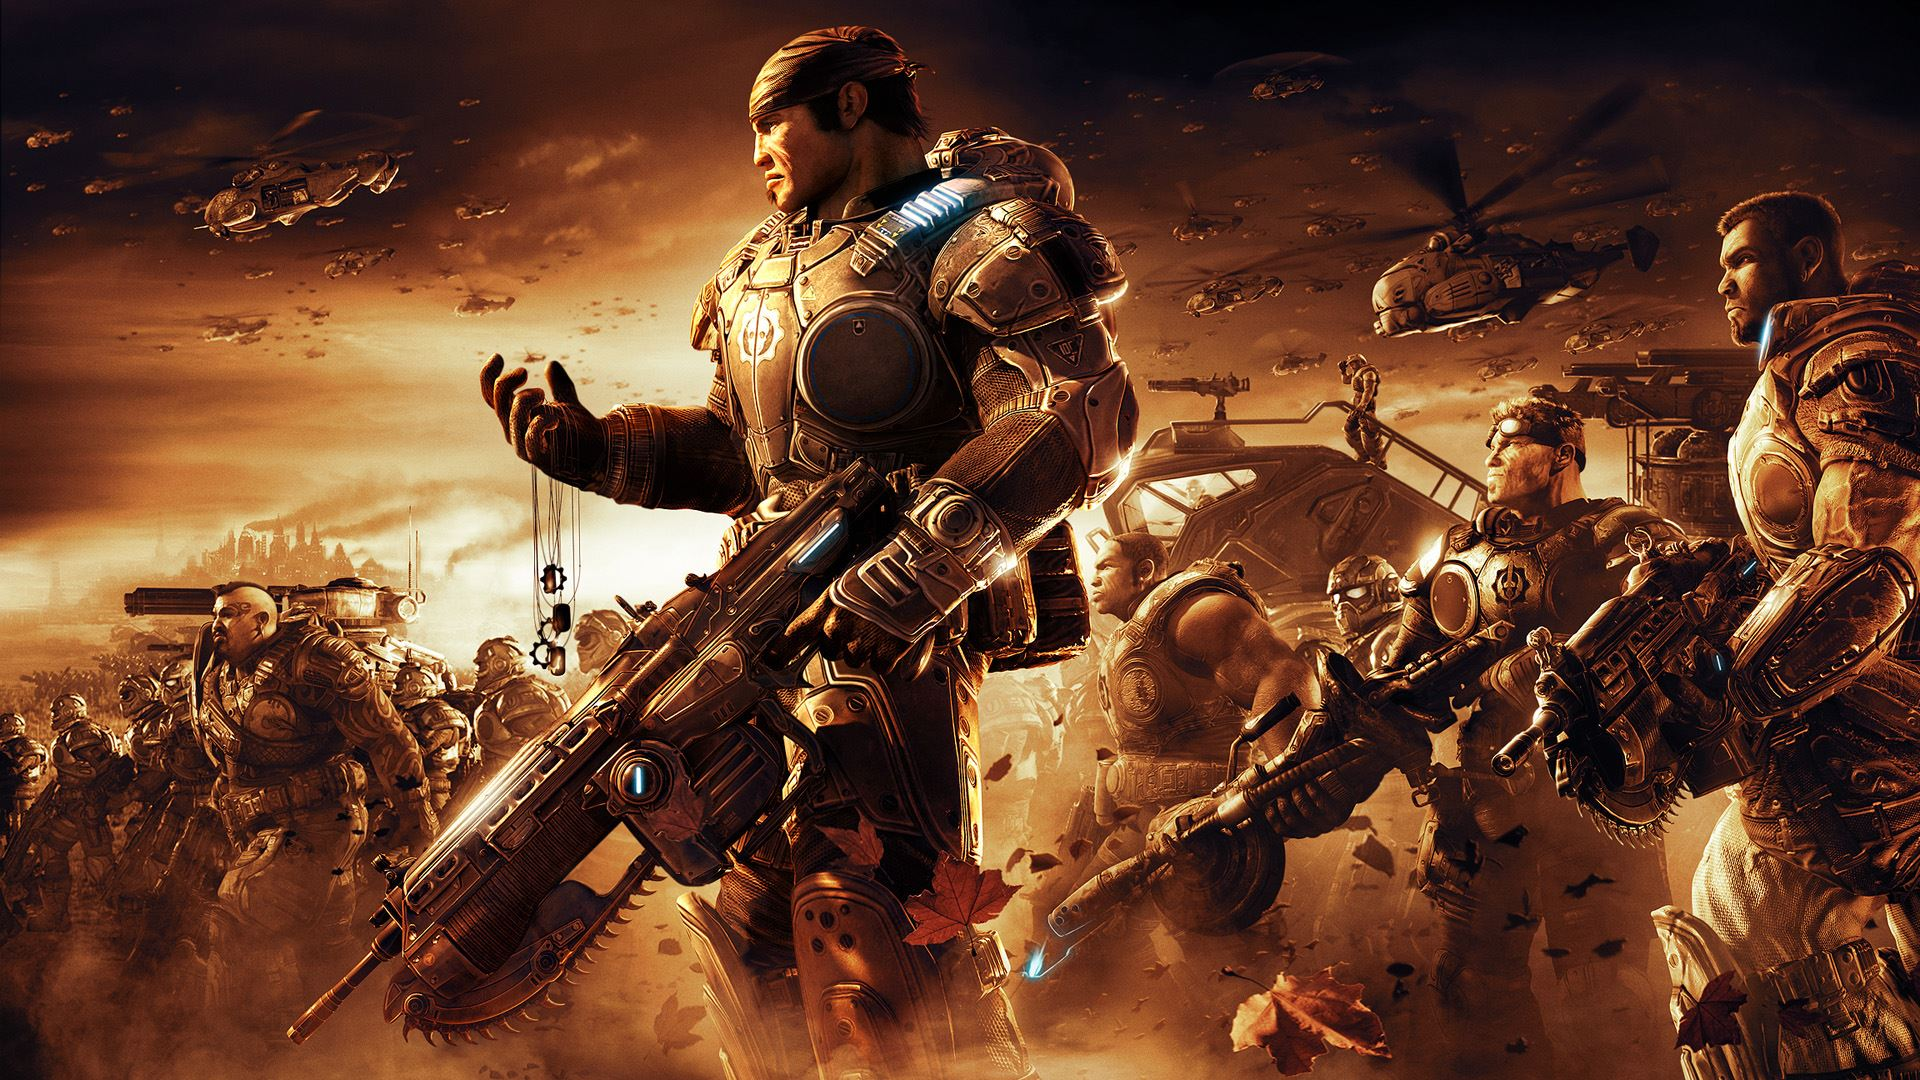 فريق التطوير Splash Damage يعمل على لعبة جديدة بأجواء مرعبة تصدر بالعام 2018! هل هي Gears of War الجديدة!